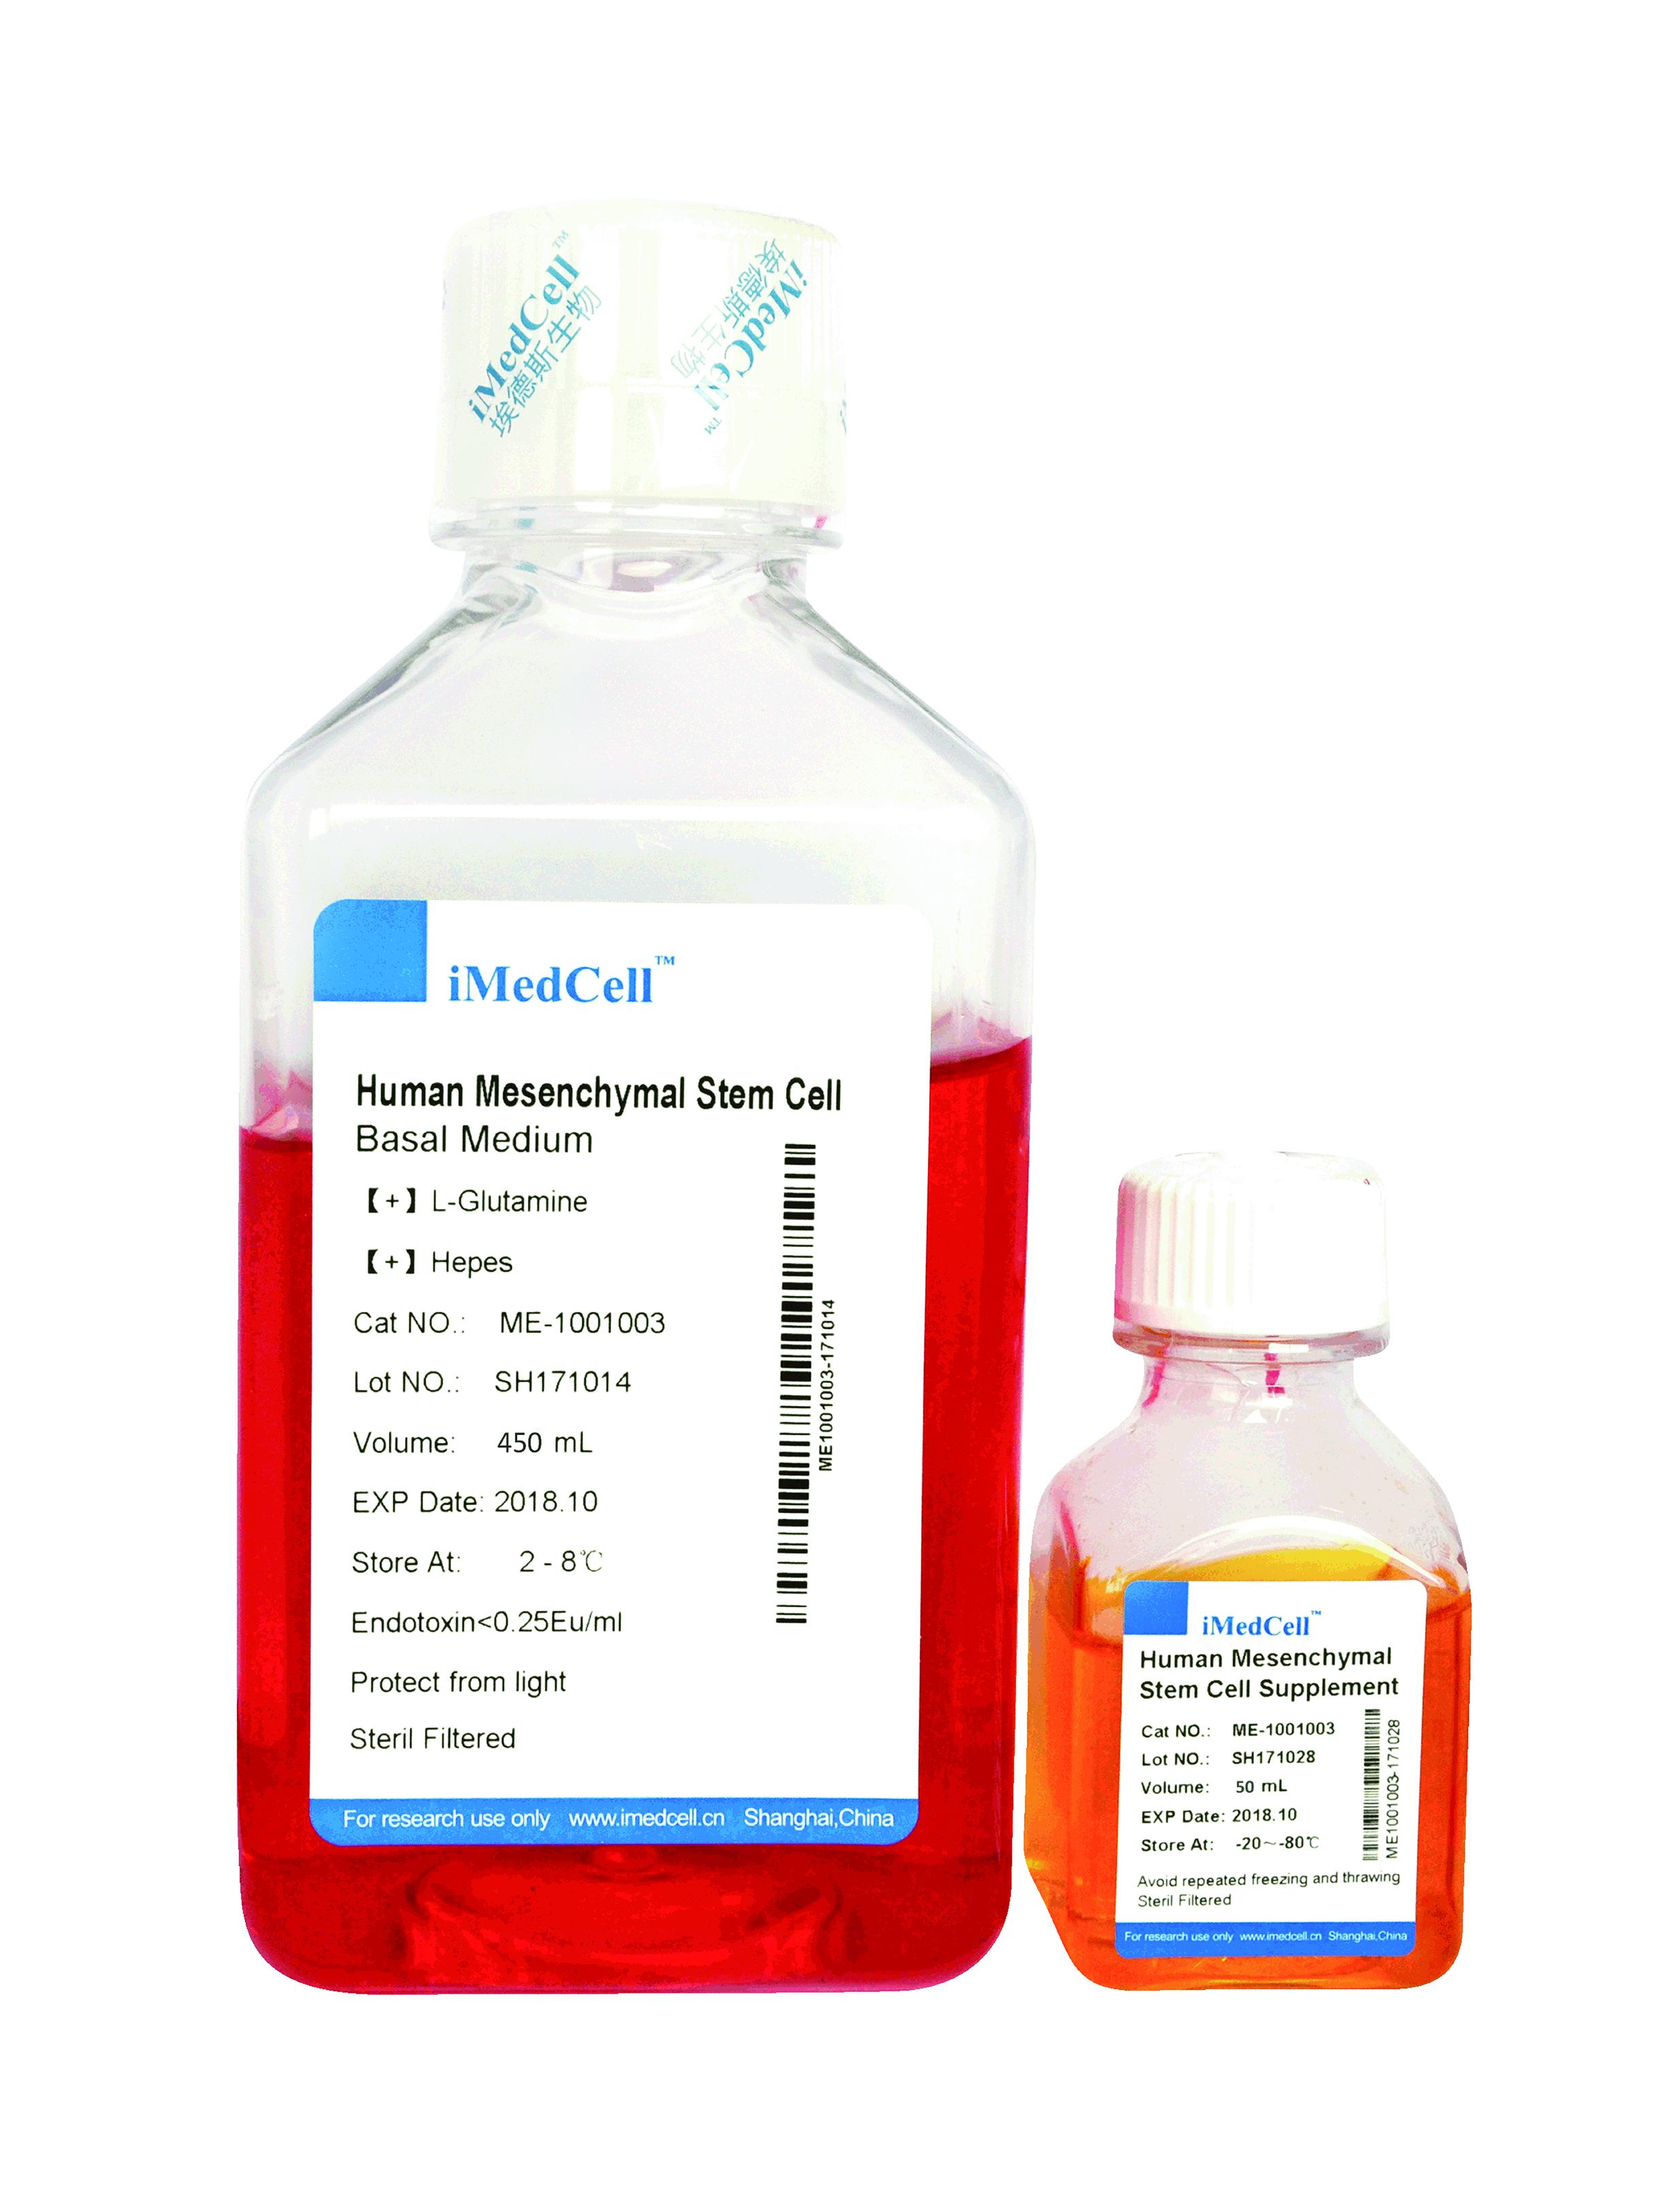 间充质干细胞培养基